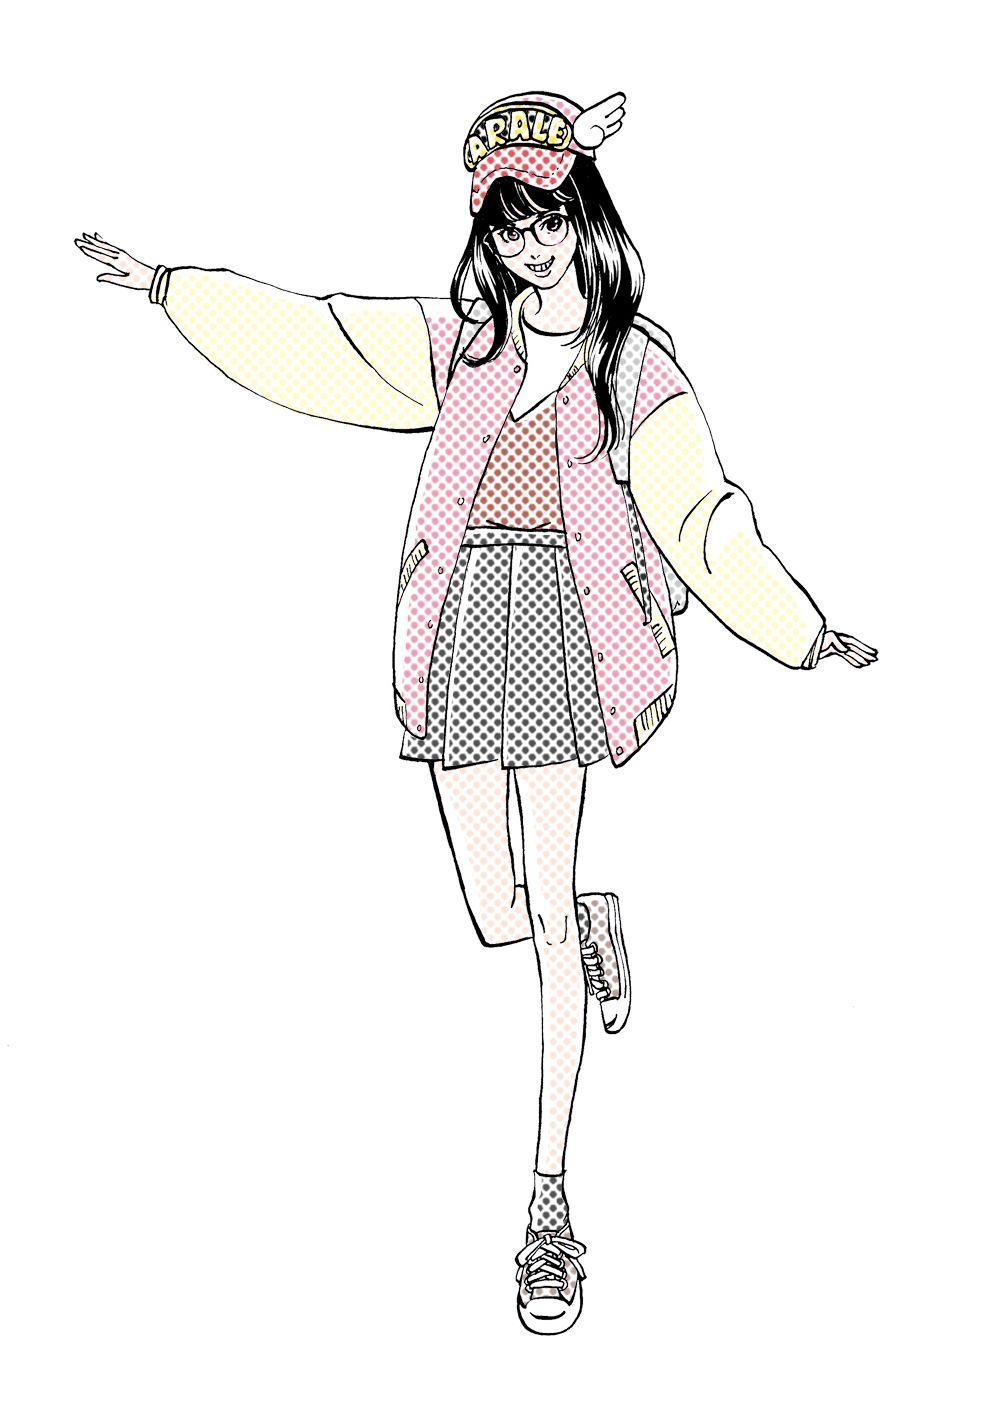 Miyamoto Yoshiko Illustrator アラレちゃんコスプレの女子高生 イラスト アラレちゃん アラレちゃん イラスト